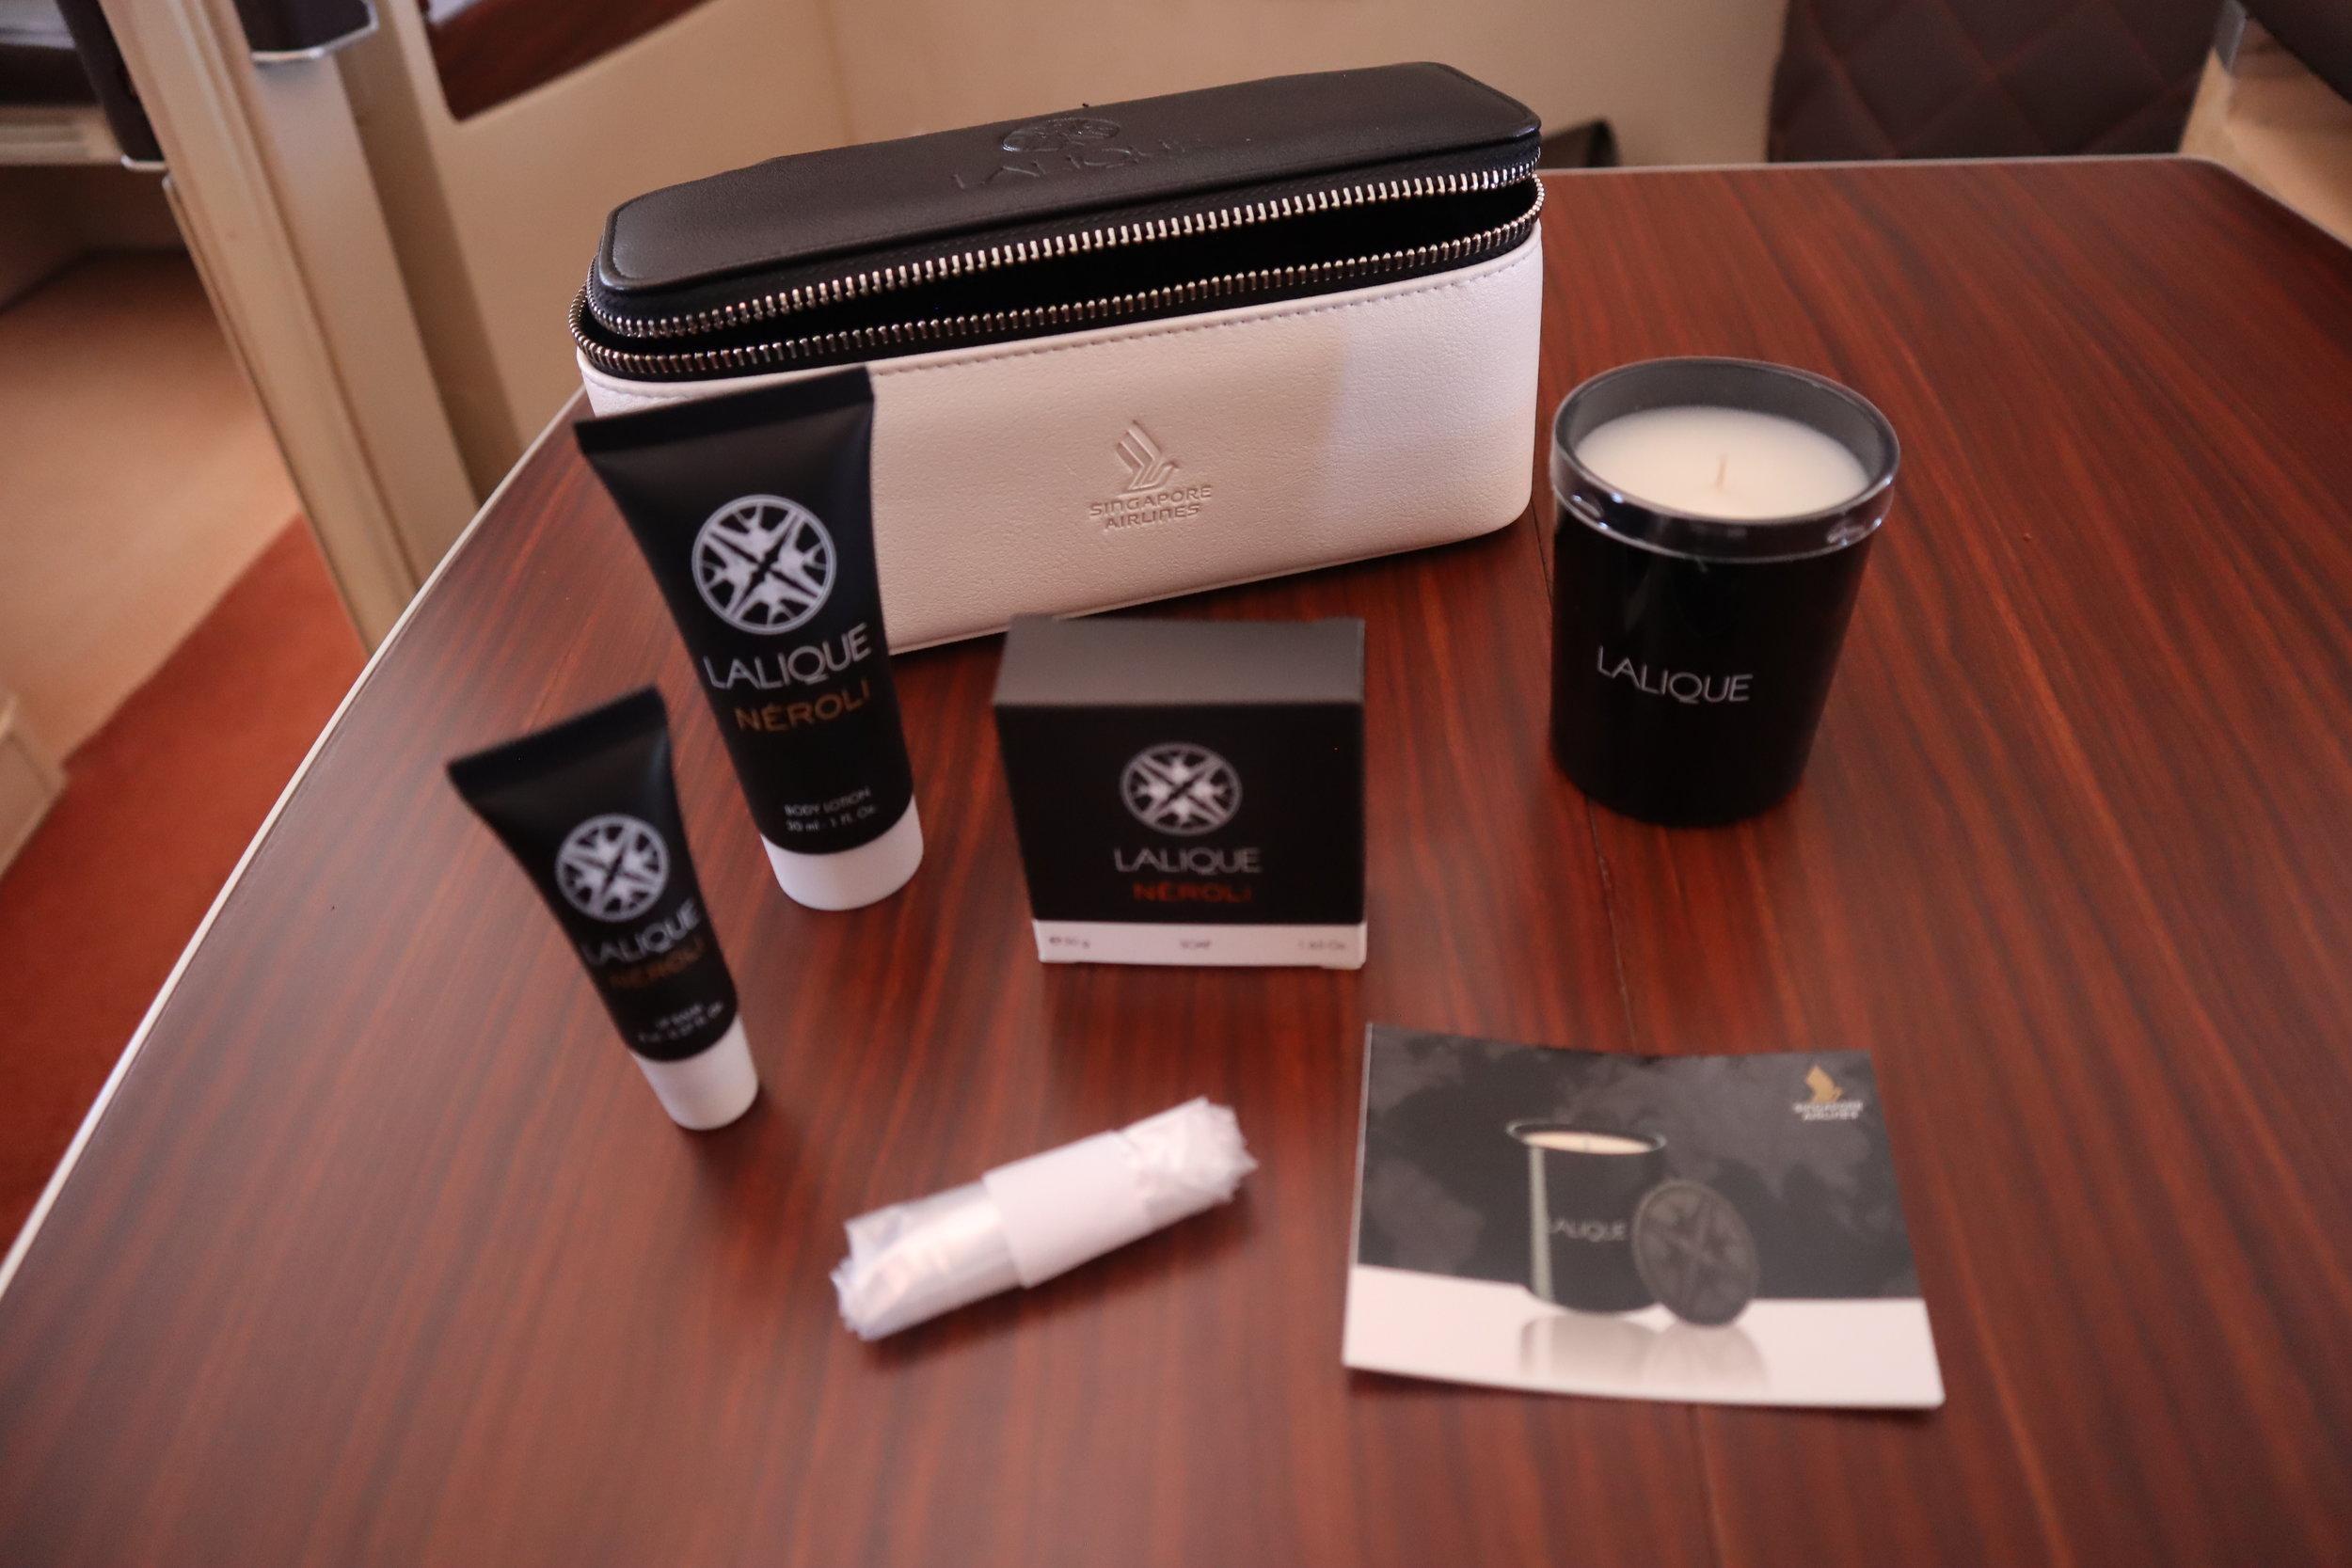 Singapore Airlines Suites Class – Lalique amenity kit